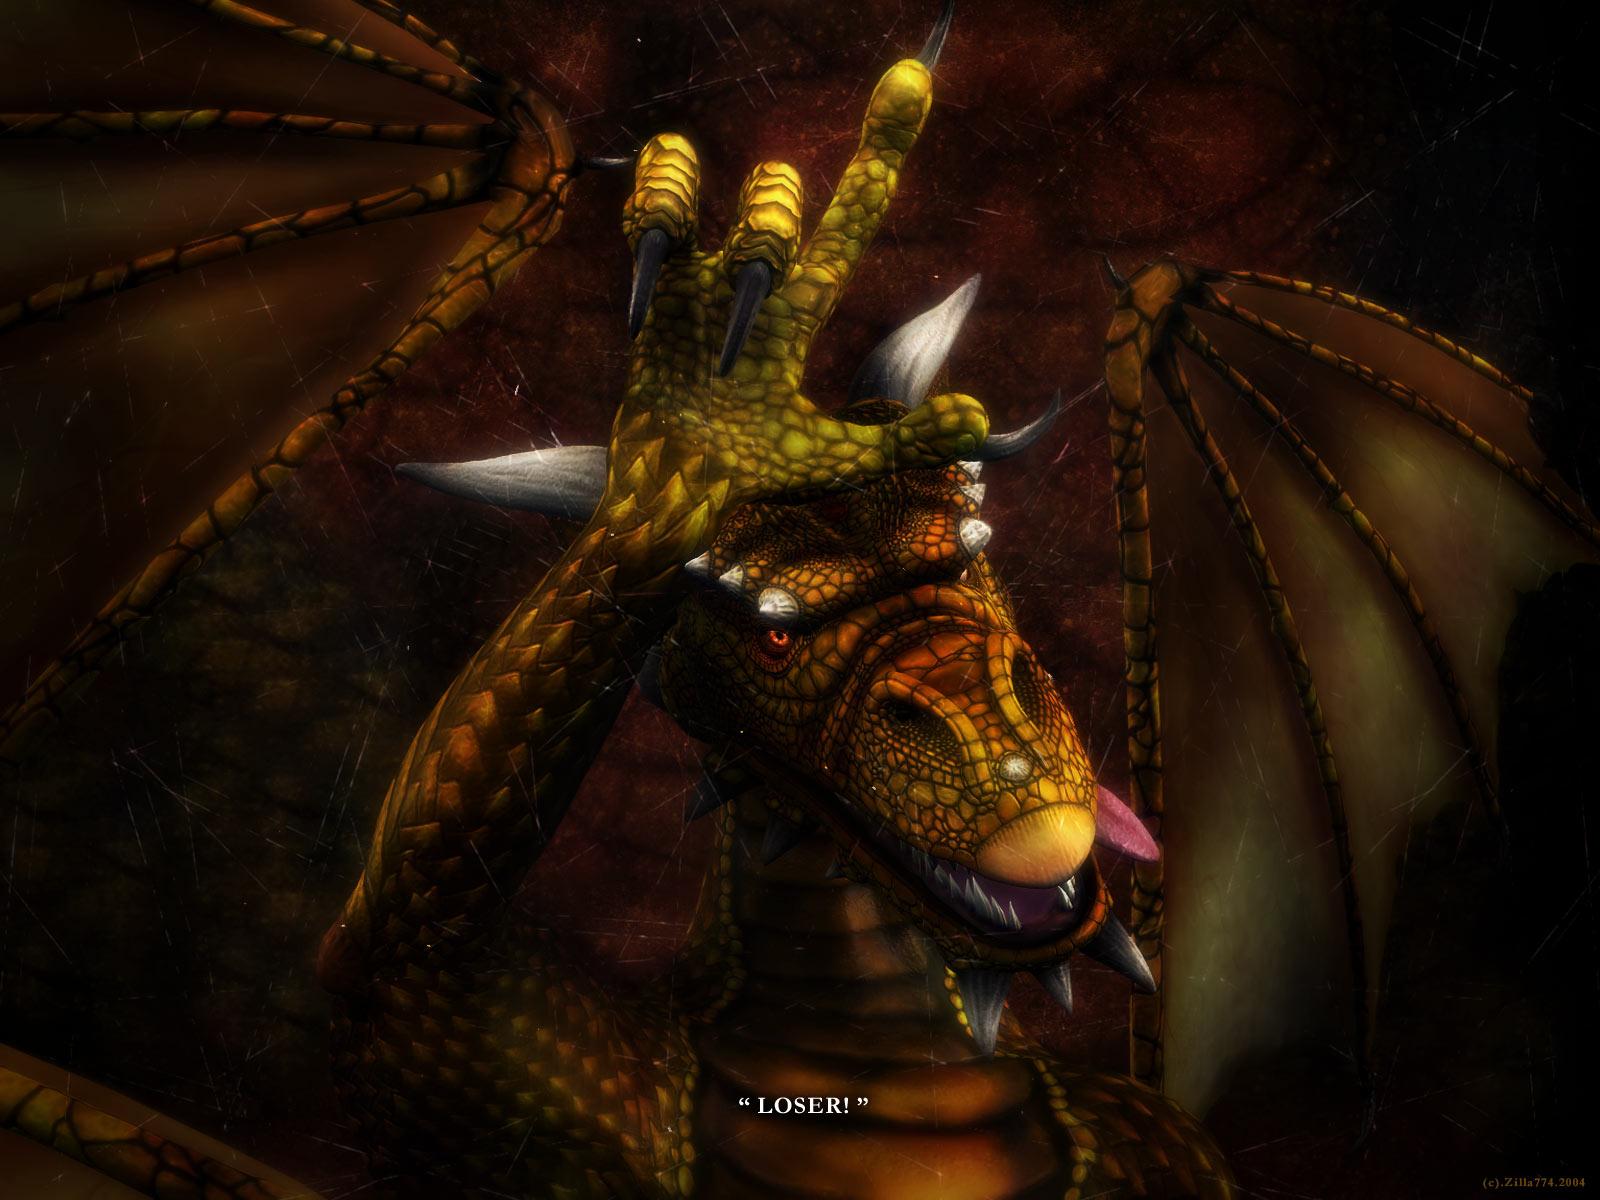 dragon wallpaper 1600x1200 - photo #5